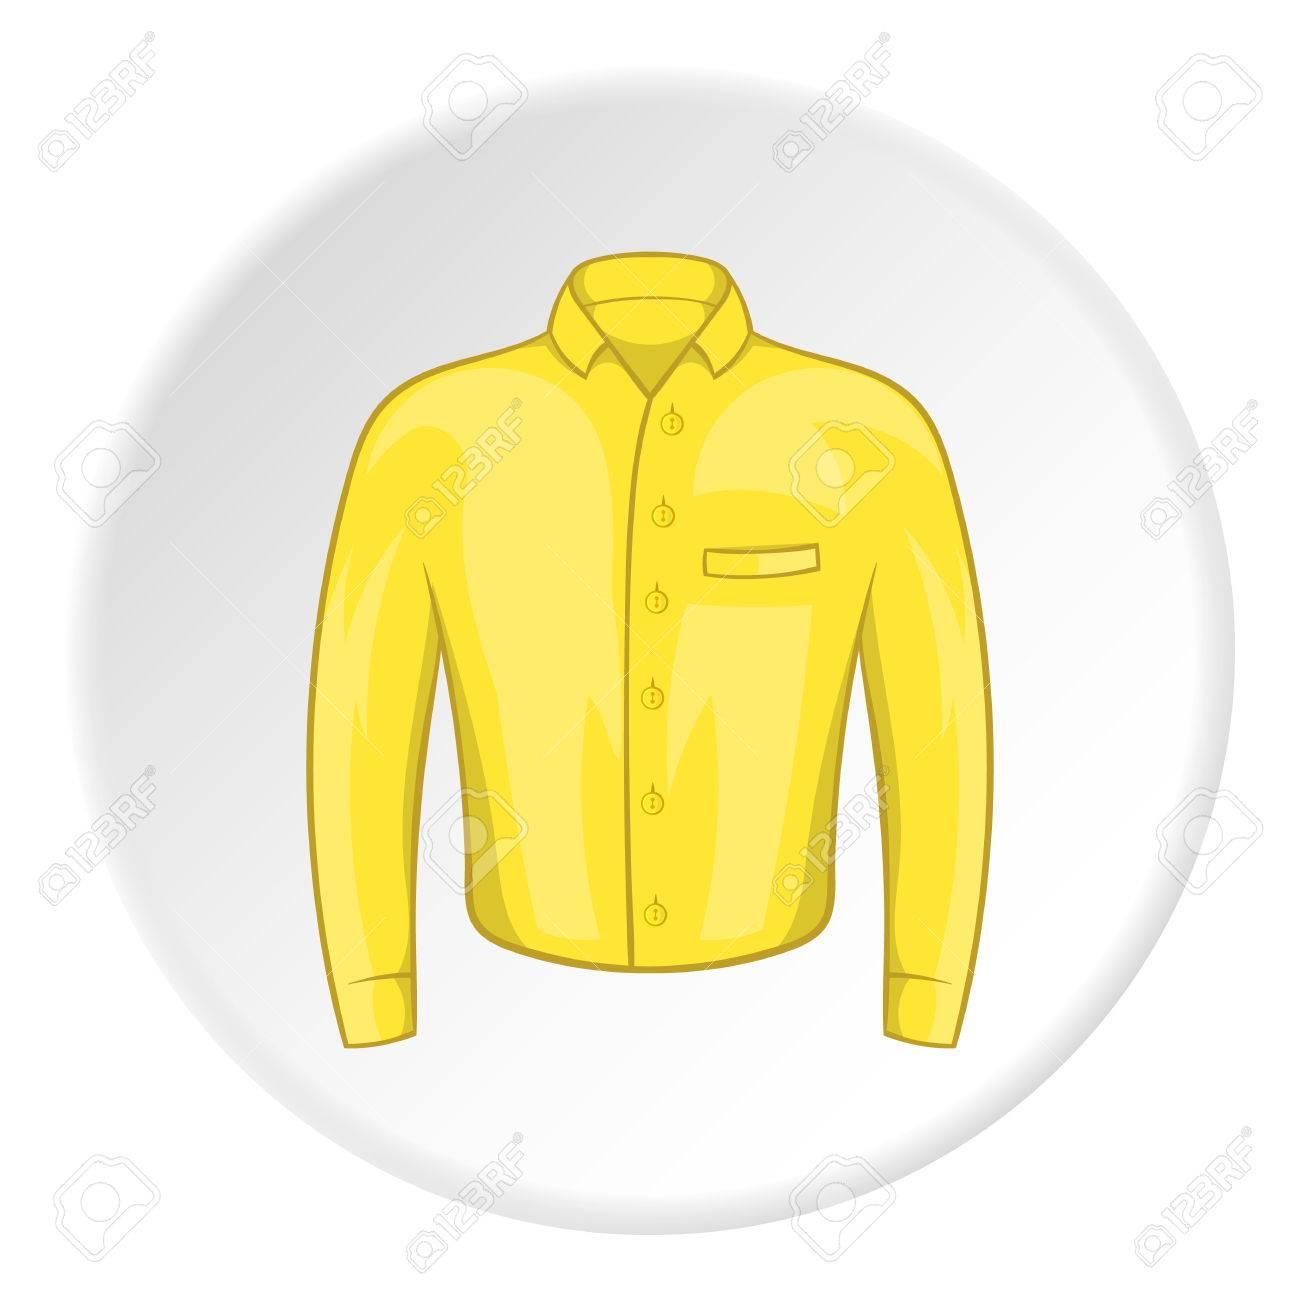 efe7459e766f9 Hombres amarillos camisa icono ilustración de dibujos animados jpg  1300x1300 Camisa animado